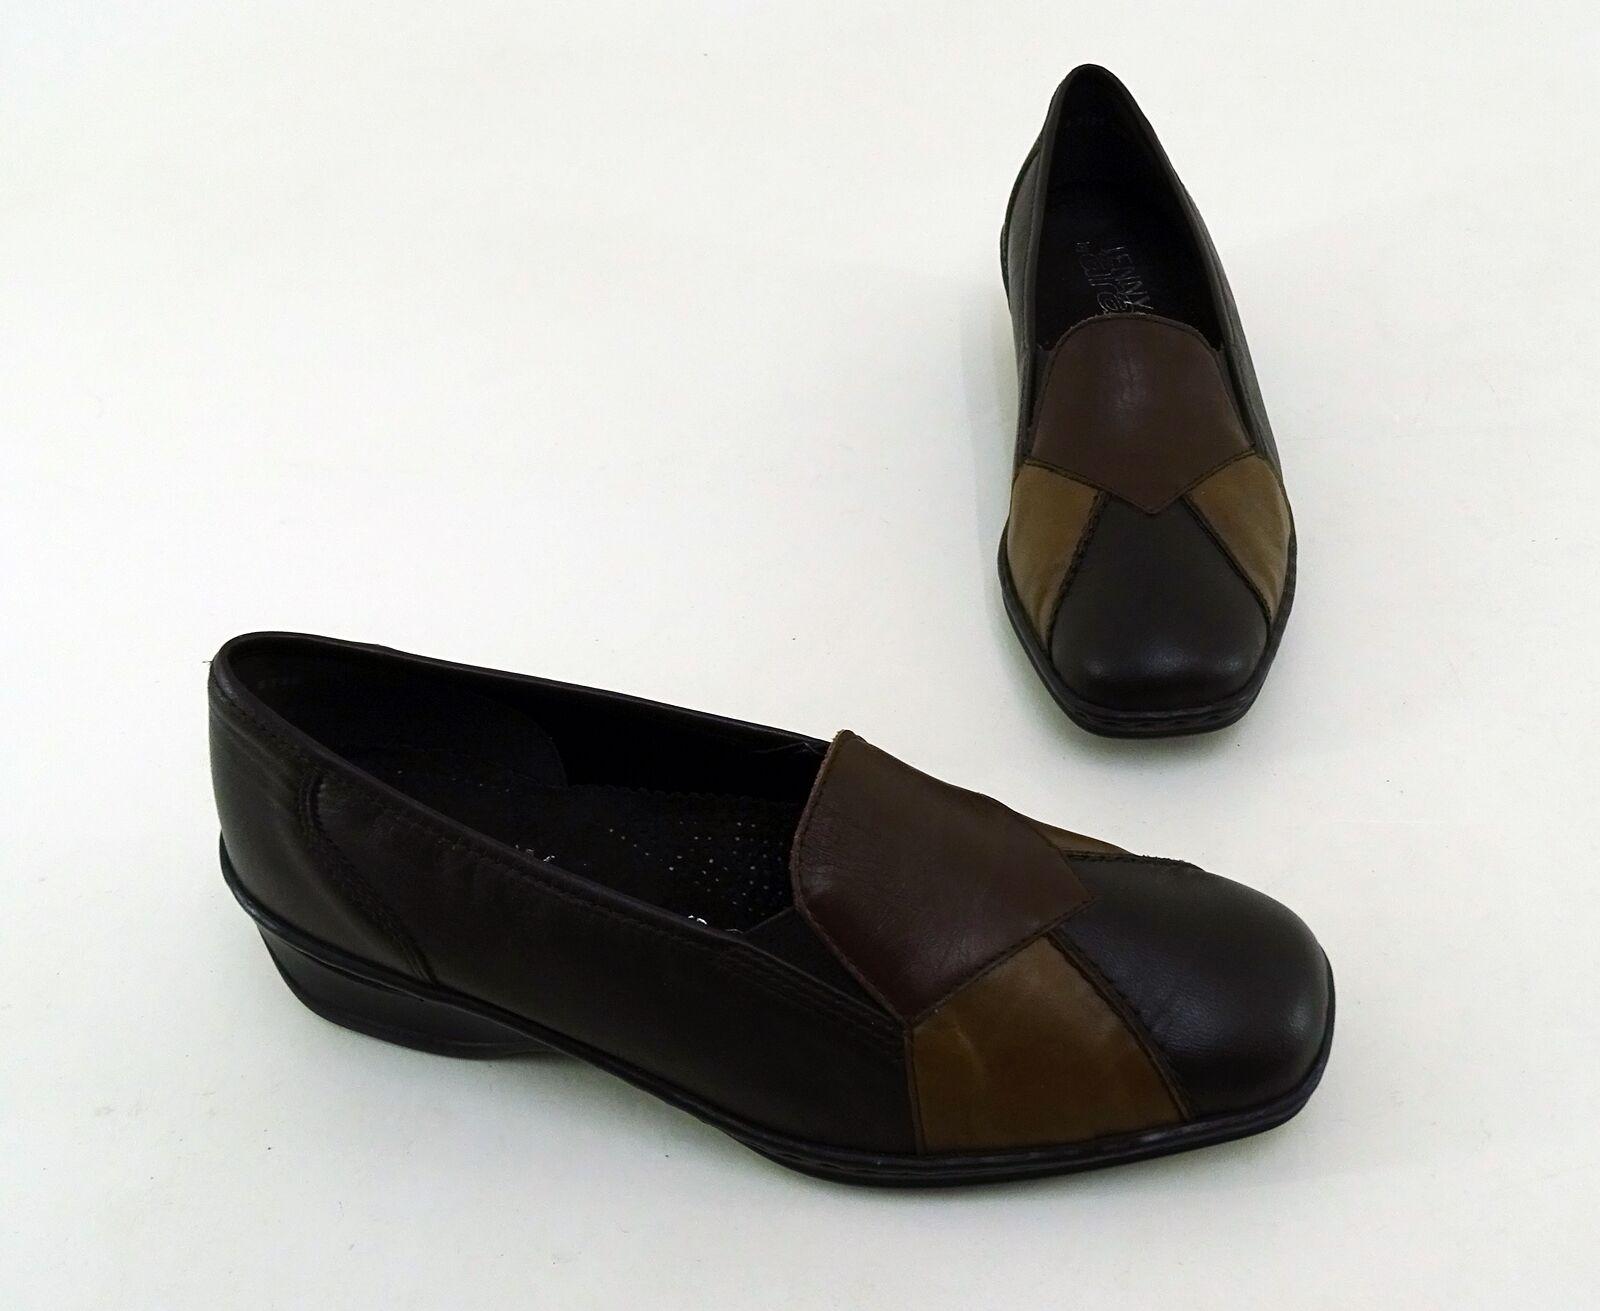 Slipper Jenny by ara ara ara zapato bajo deslizamiento cuero genuino marrón talla 5,5 = 38,5 G  entrega de rayos